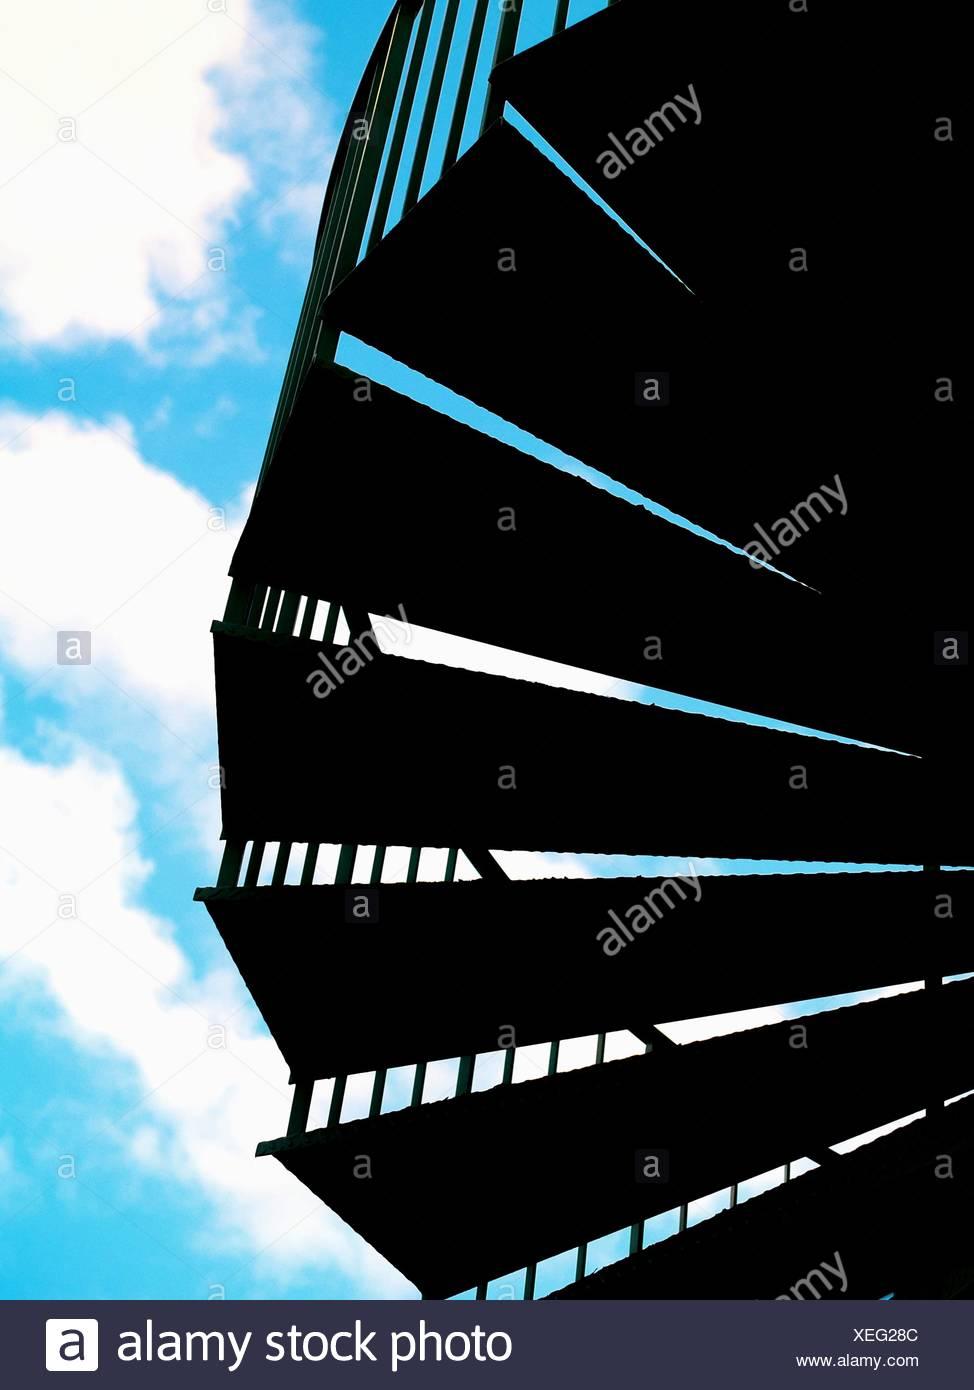 Basso angolo vista di Silhouette passi contro il cielo nuvoloso Immagini Stock